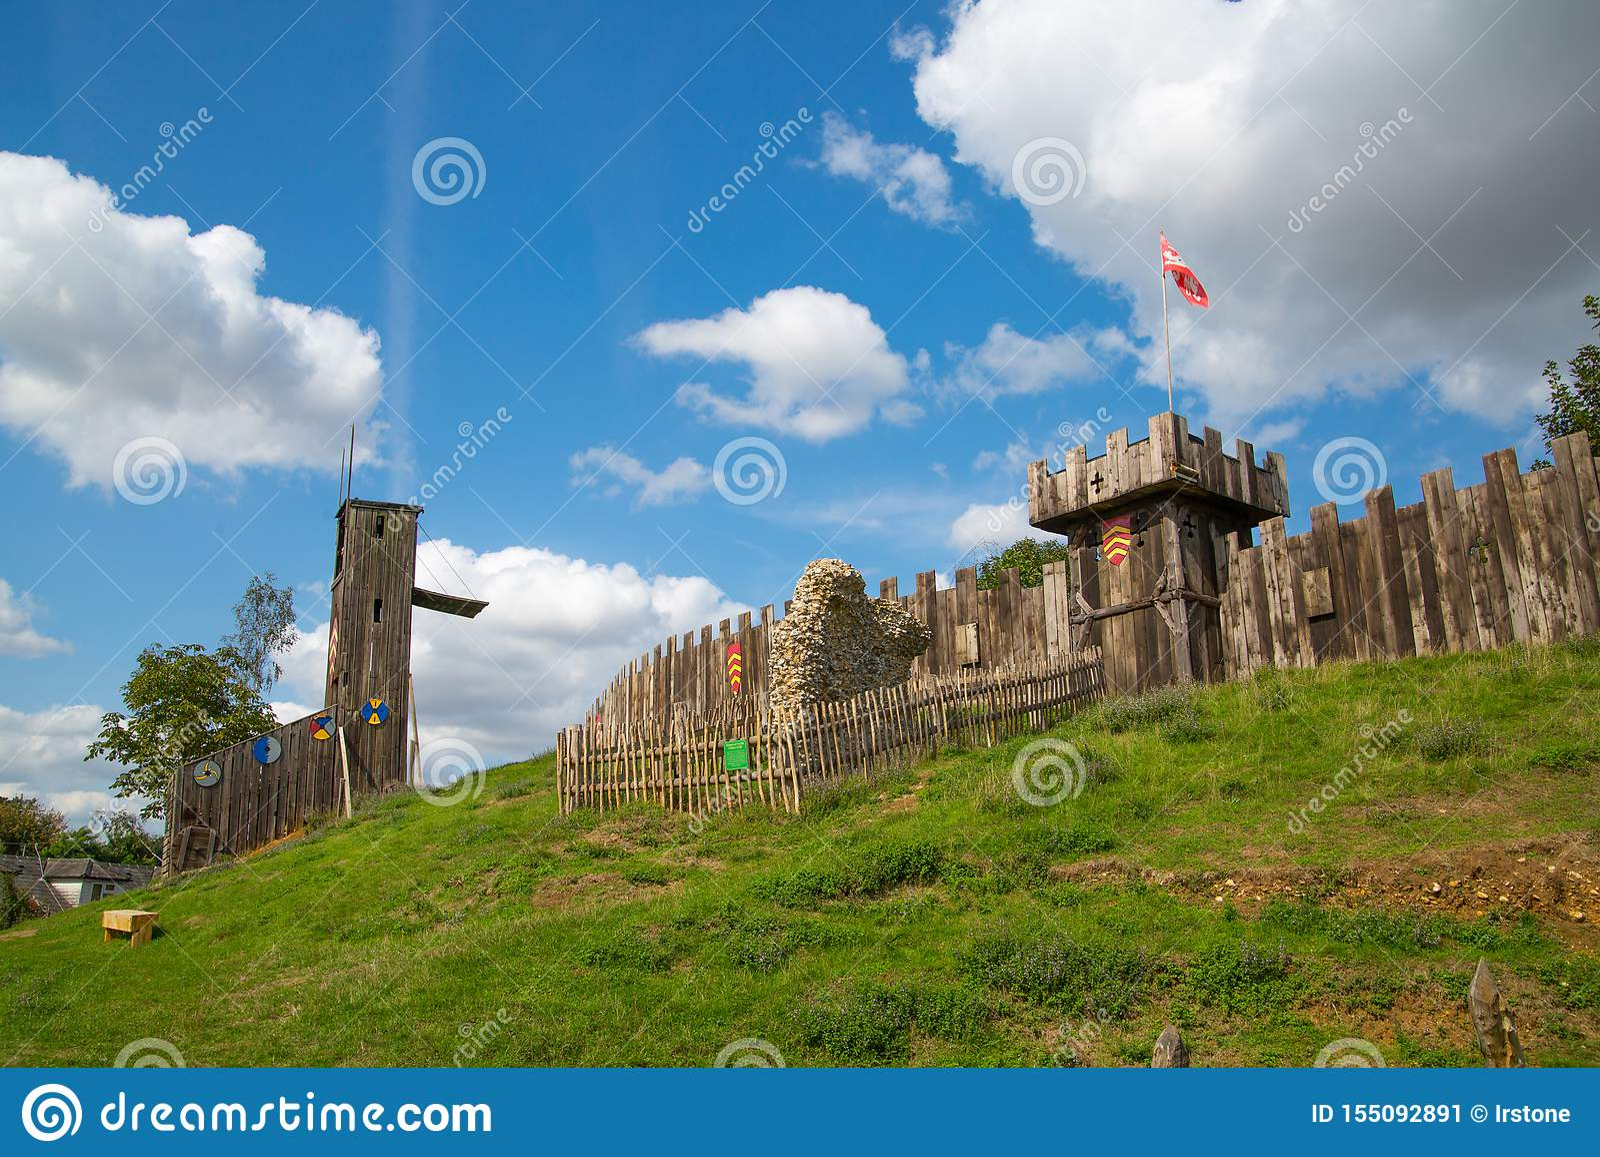 Замок Норман, реконструкция деревни, датированная назад до 1050 Воспитательный центр для детей с демонстрацией обычной жизни и лы